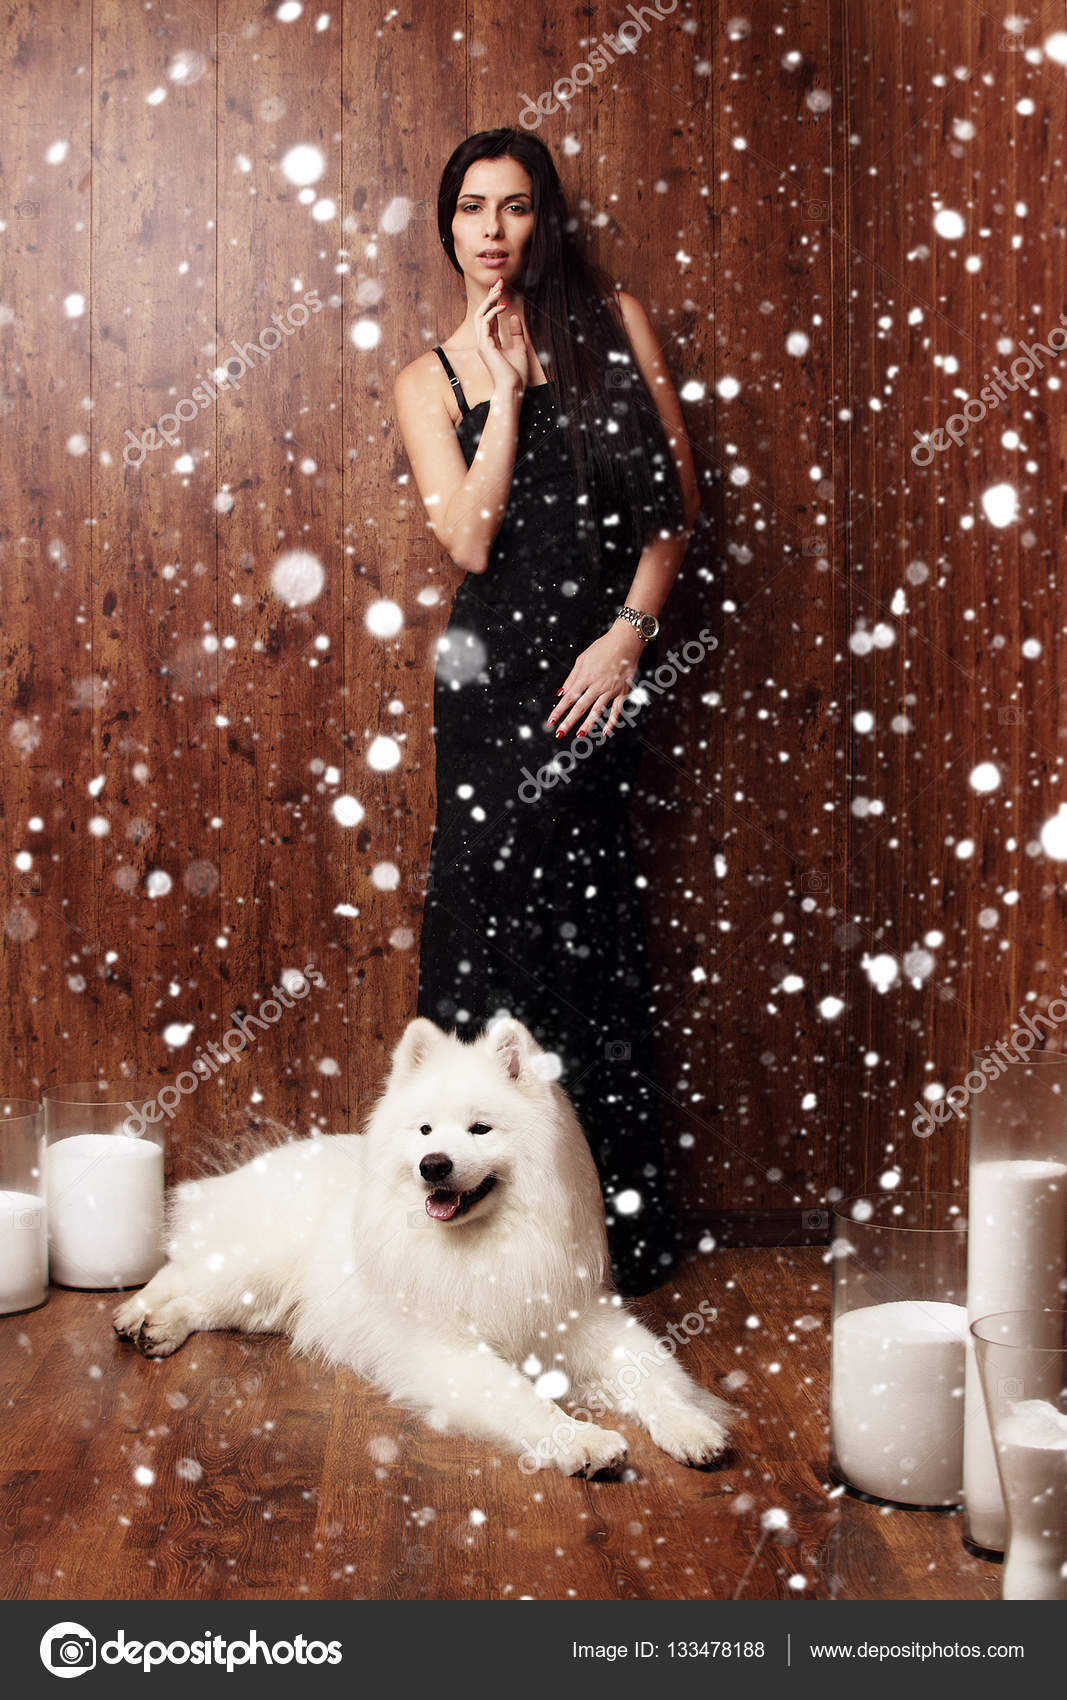 schöne Brünette junge Frau langes schwarzes Kleid mit einem Schnee ...